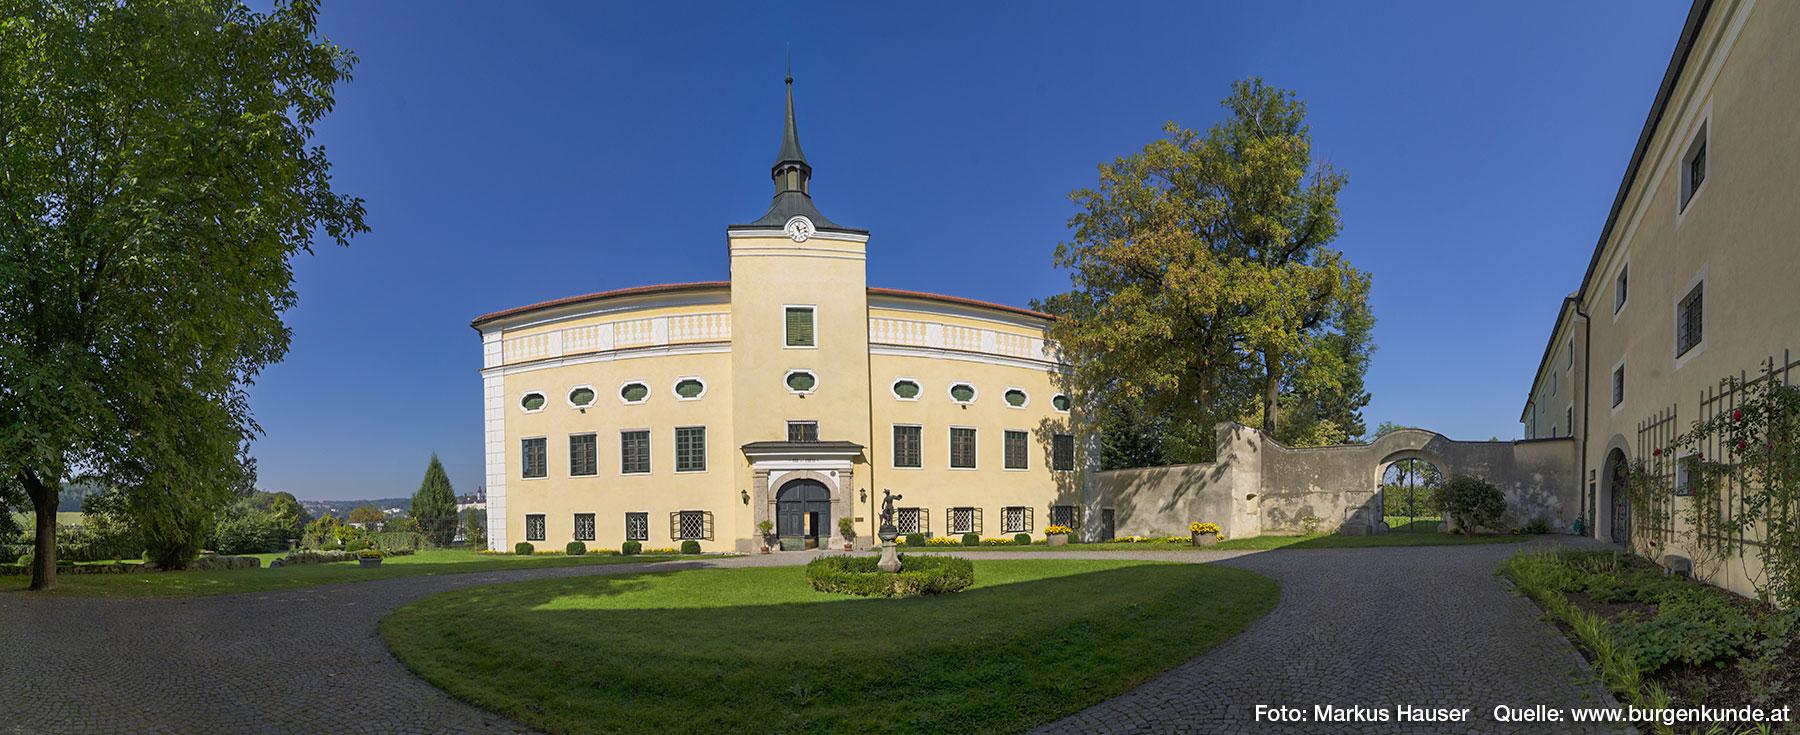 Schloss Kremsegg bei Kremsmünster